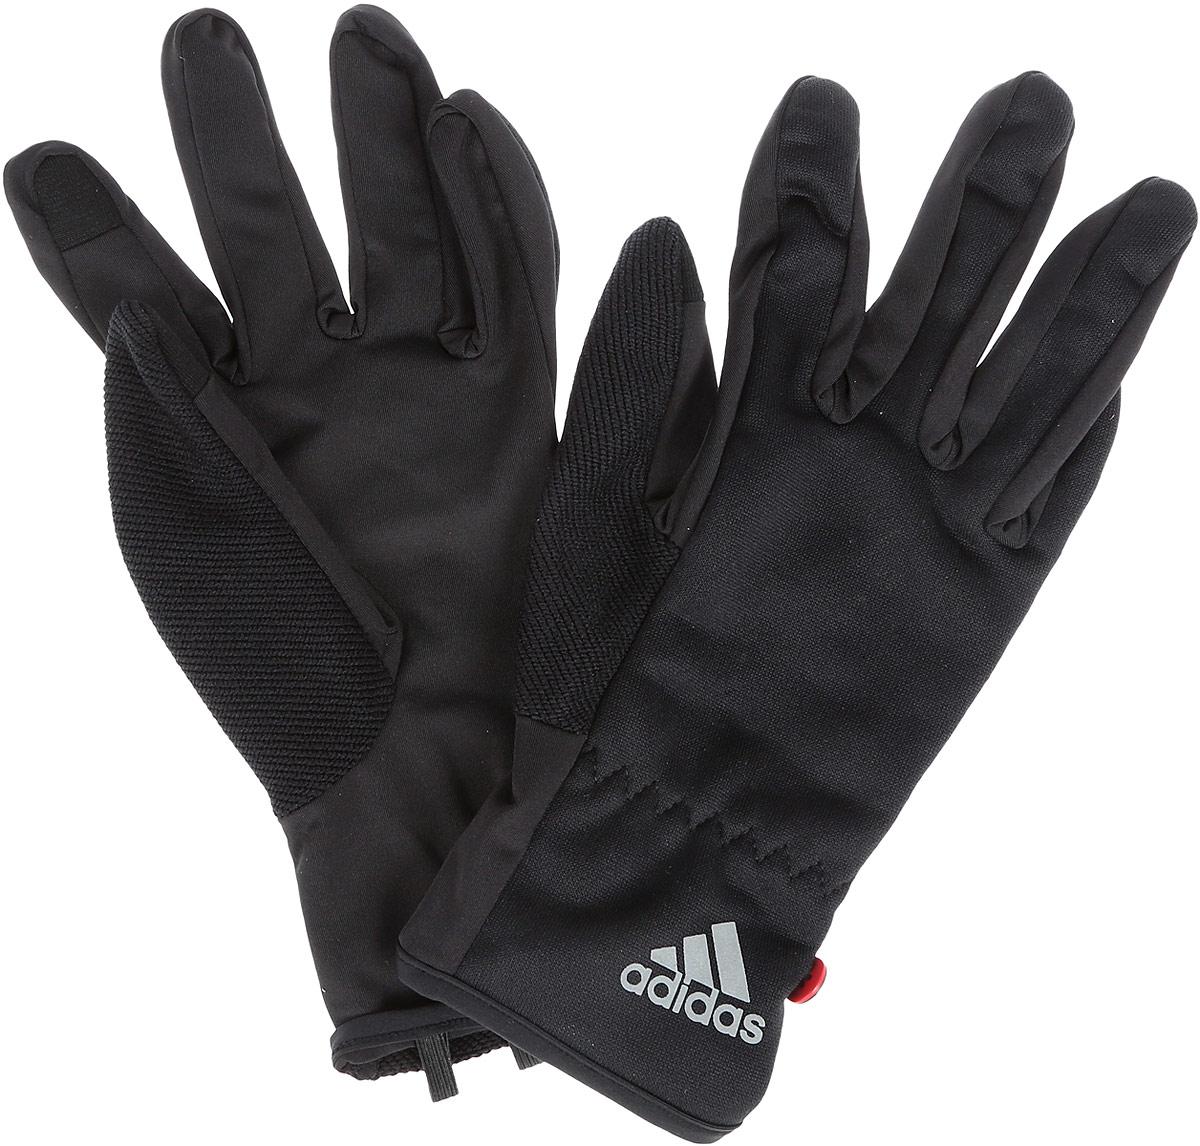 Перчатки для бега adidas Run Clmlt Glove, цвет: черный. S94173. Размер XL (24)WRA523700Мягкие и легкие перчатки Adidas Run Clmlt Glove защитят вас от холода и непогоды во время интенсивной тренировки. Технология Сlimalite способствуетбыстрому выведению влаги с поверхности тела. Модель оформлена логотипом бренда.Выделяйтесь из толпы благодаря стильному дизайну перчаток.